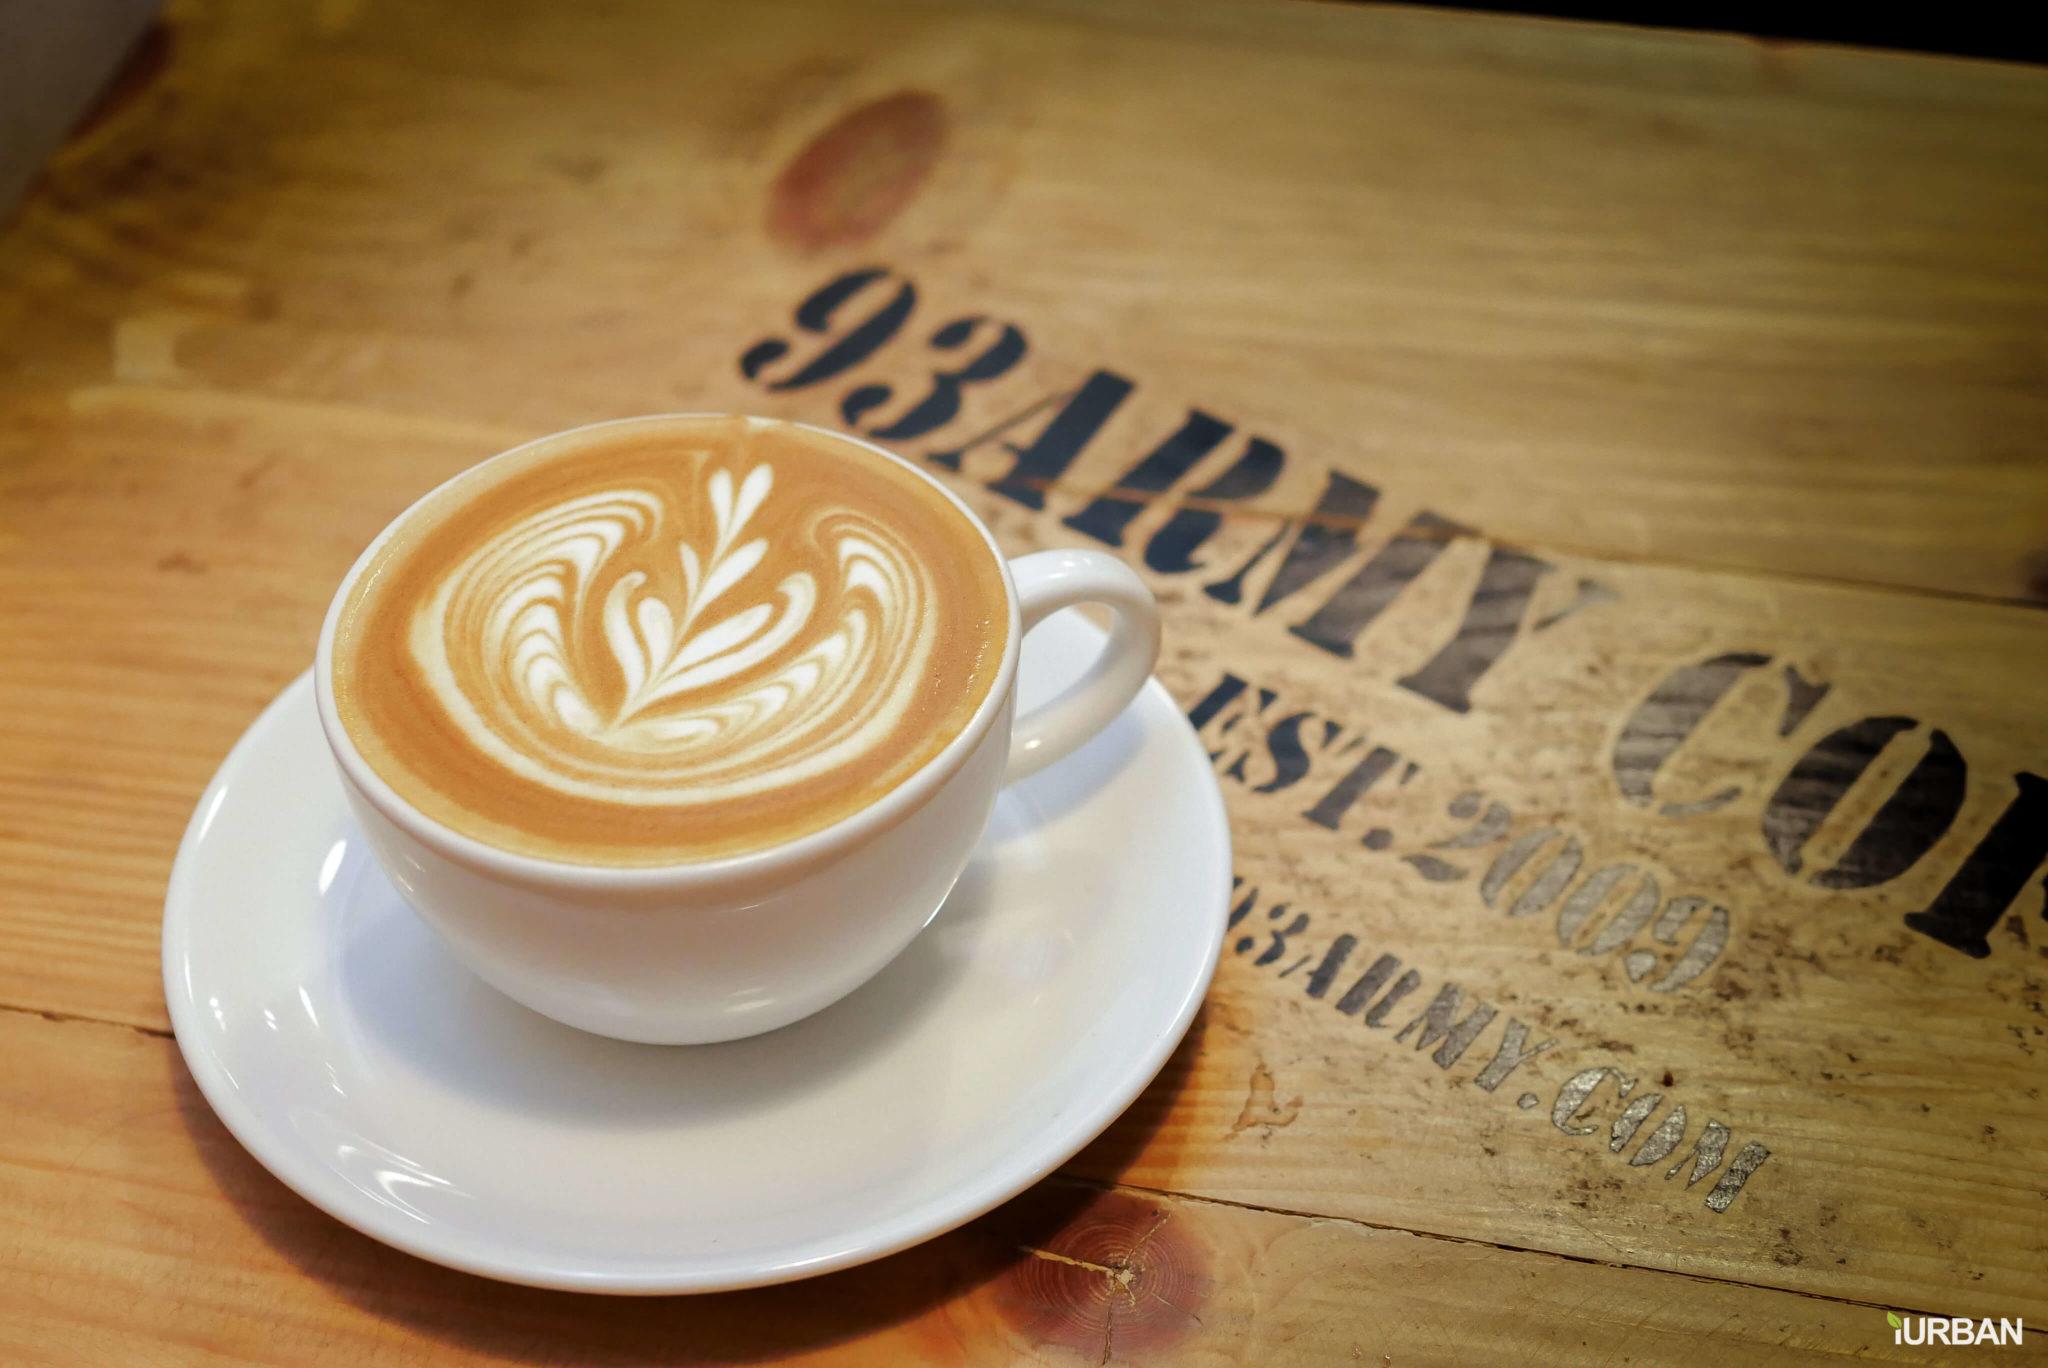 10 ร้านกาแฟ ทองหล่อ - เอกมัย เครื่องดื่มเด็ด บรรยากาศดี 75 - Ananda Development (อนันดา ดีเวลลอปเม้นท์)